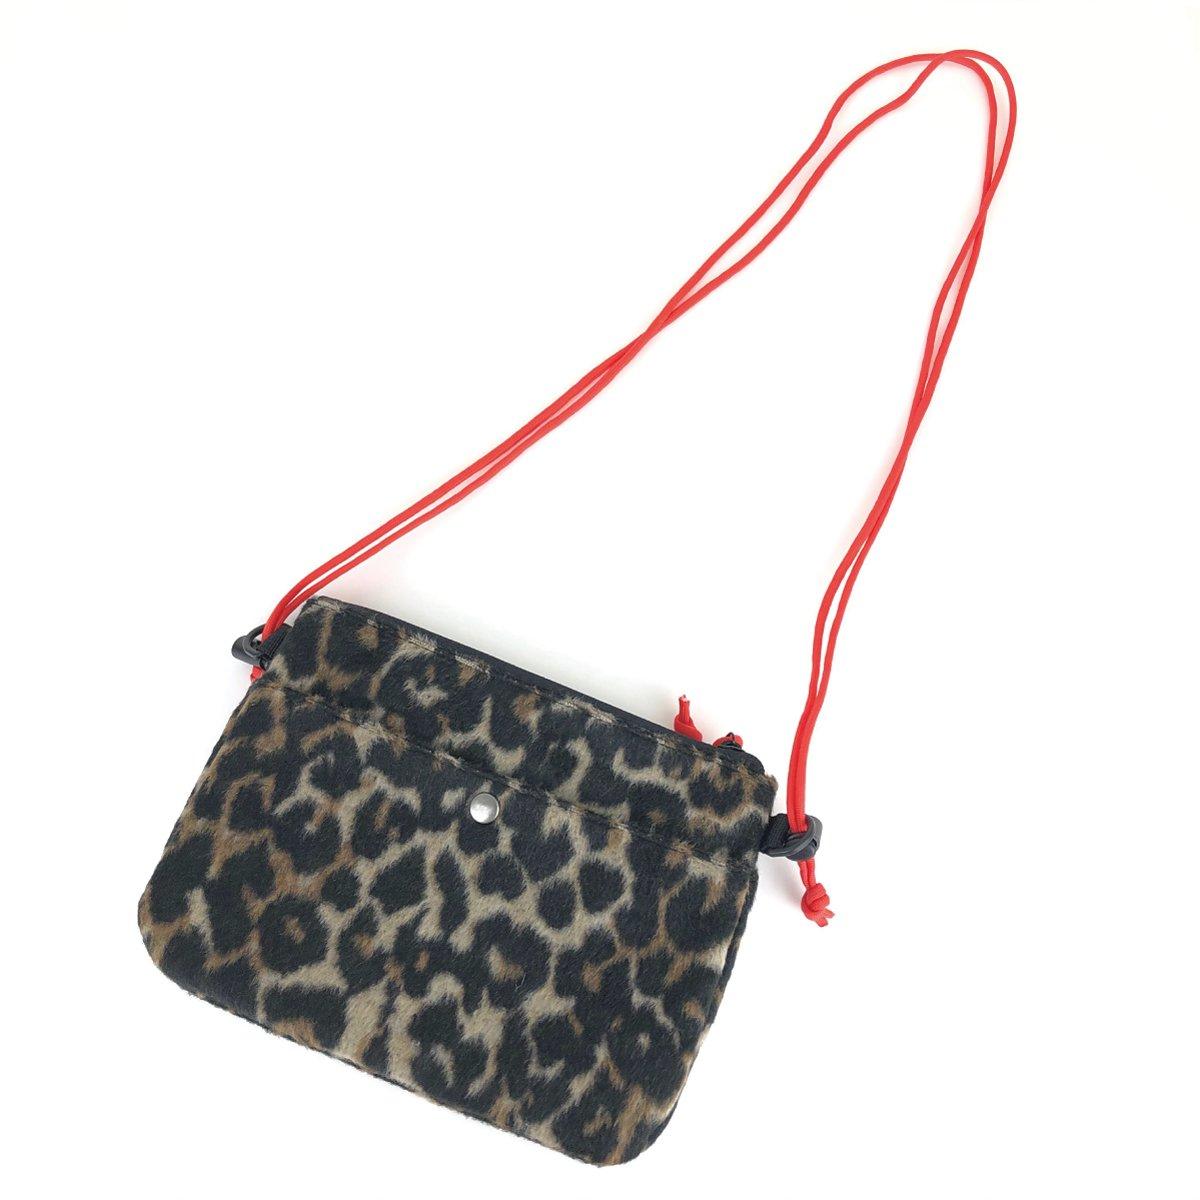 【KIDS】Animal Sacoche Bag 詳細画像3